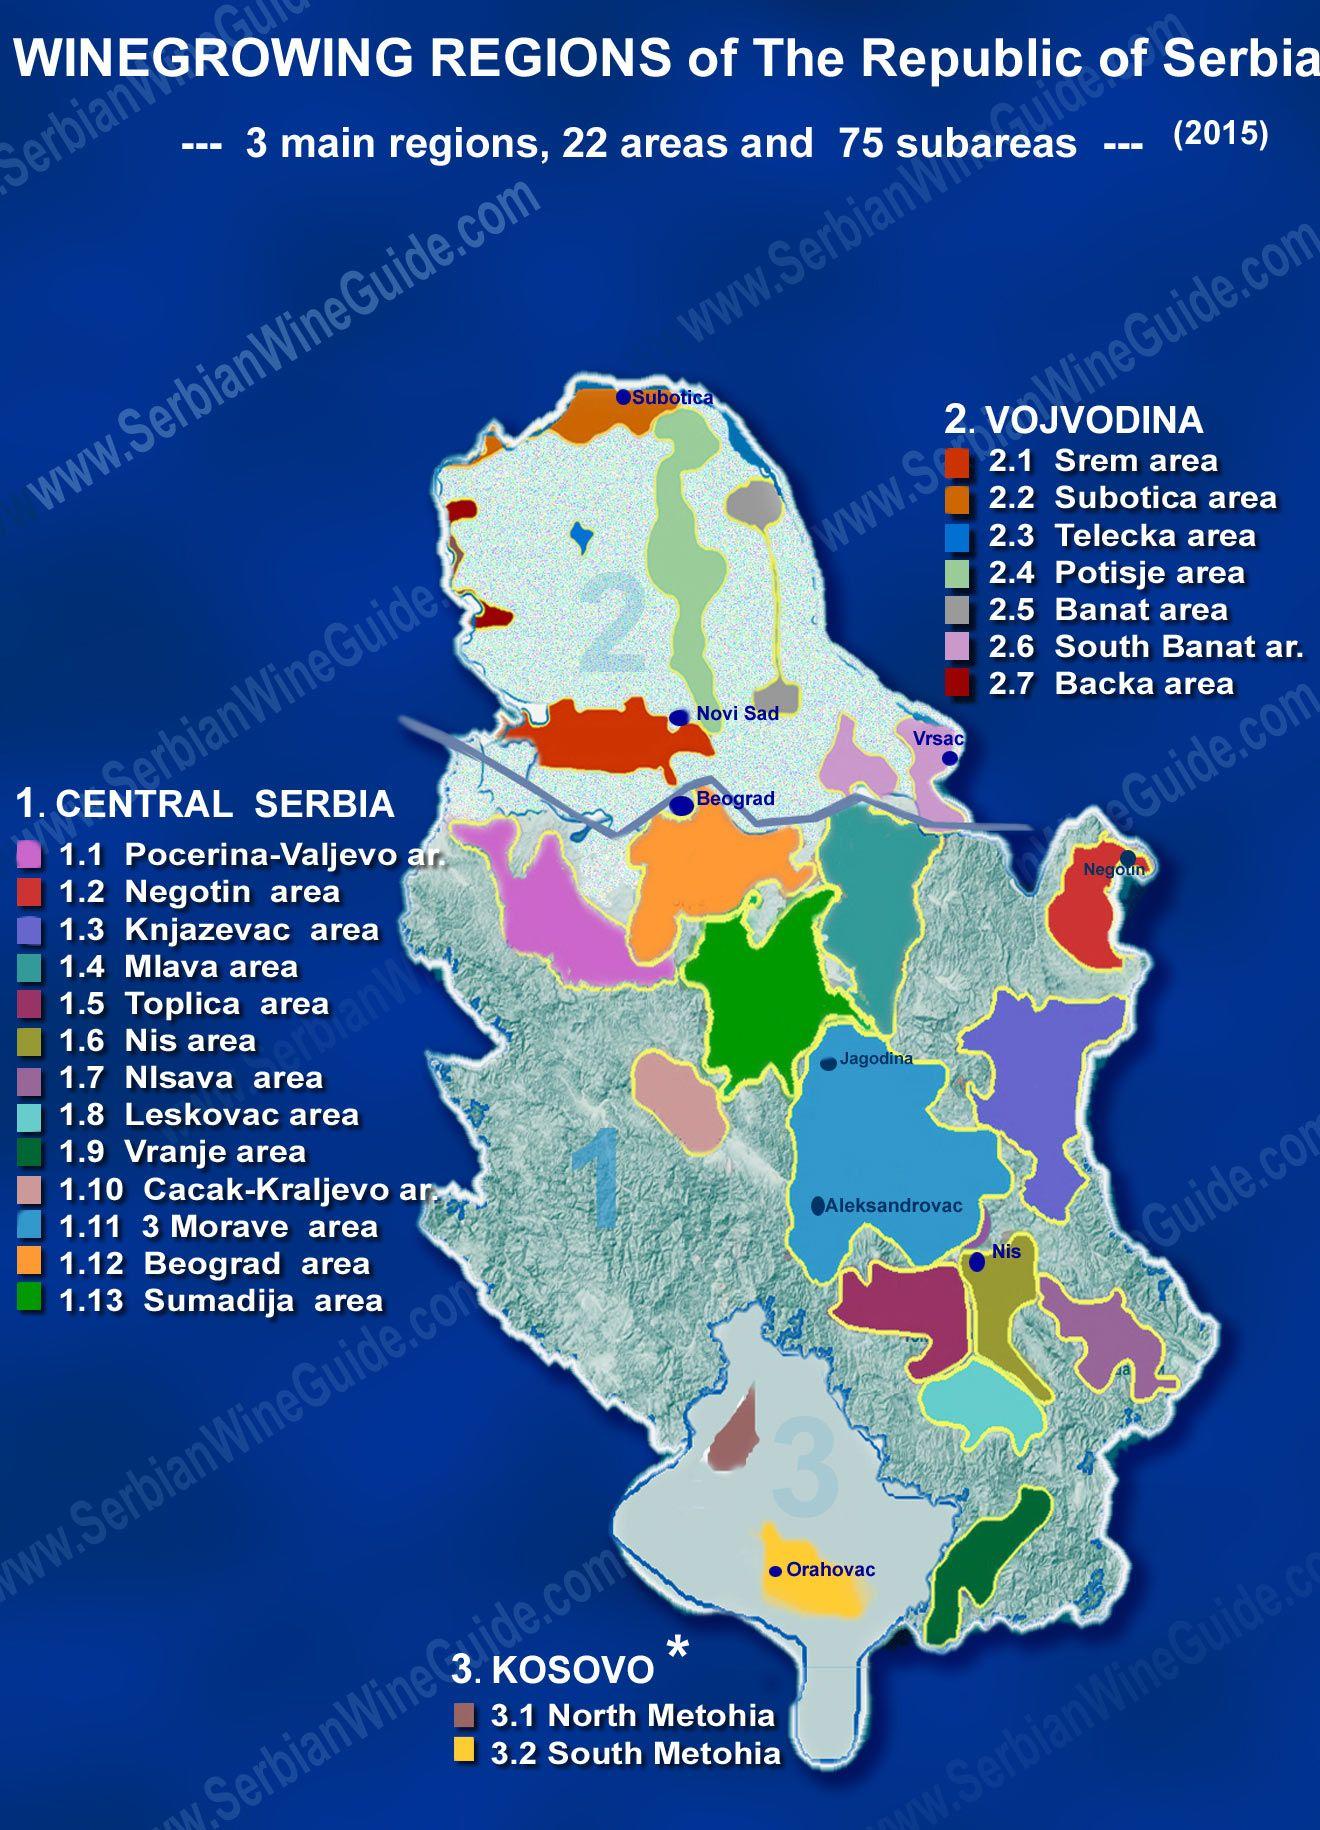 Serbian Winegrowing Regions In 2020 Wine Map Wine And Beer Region